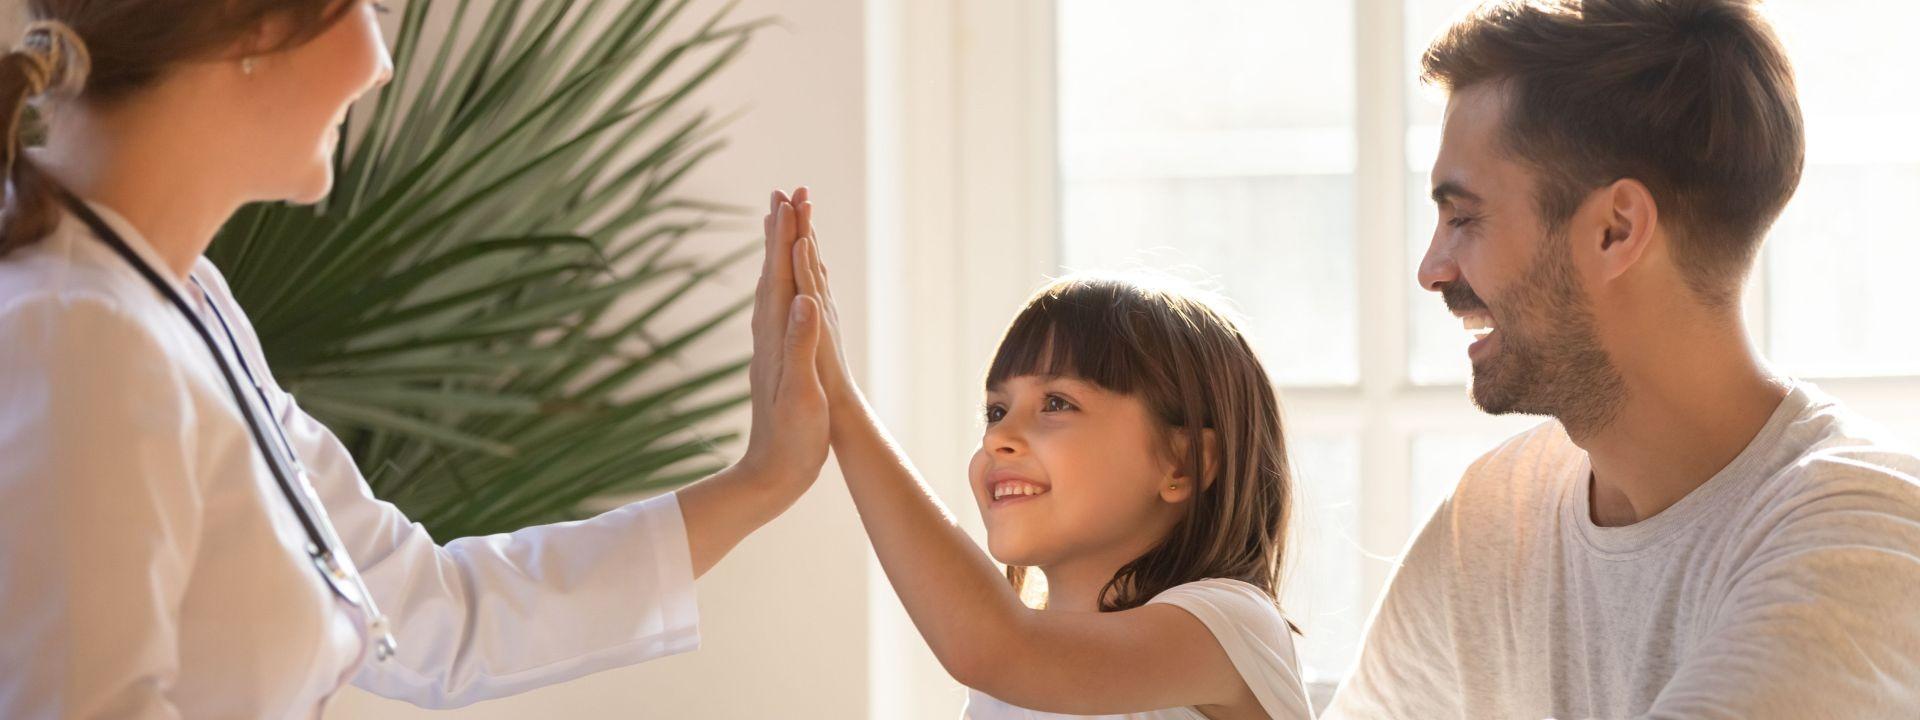 Ein etwa 6 jähriges Mädchen gibt einer Ärztin ein High-Five. Ihr Vater sitzt daneben. Alle drei lachen.